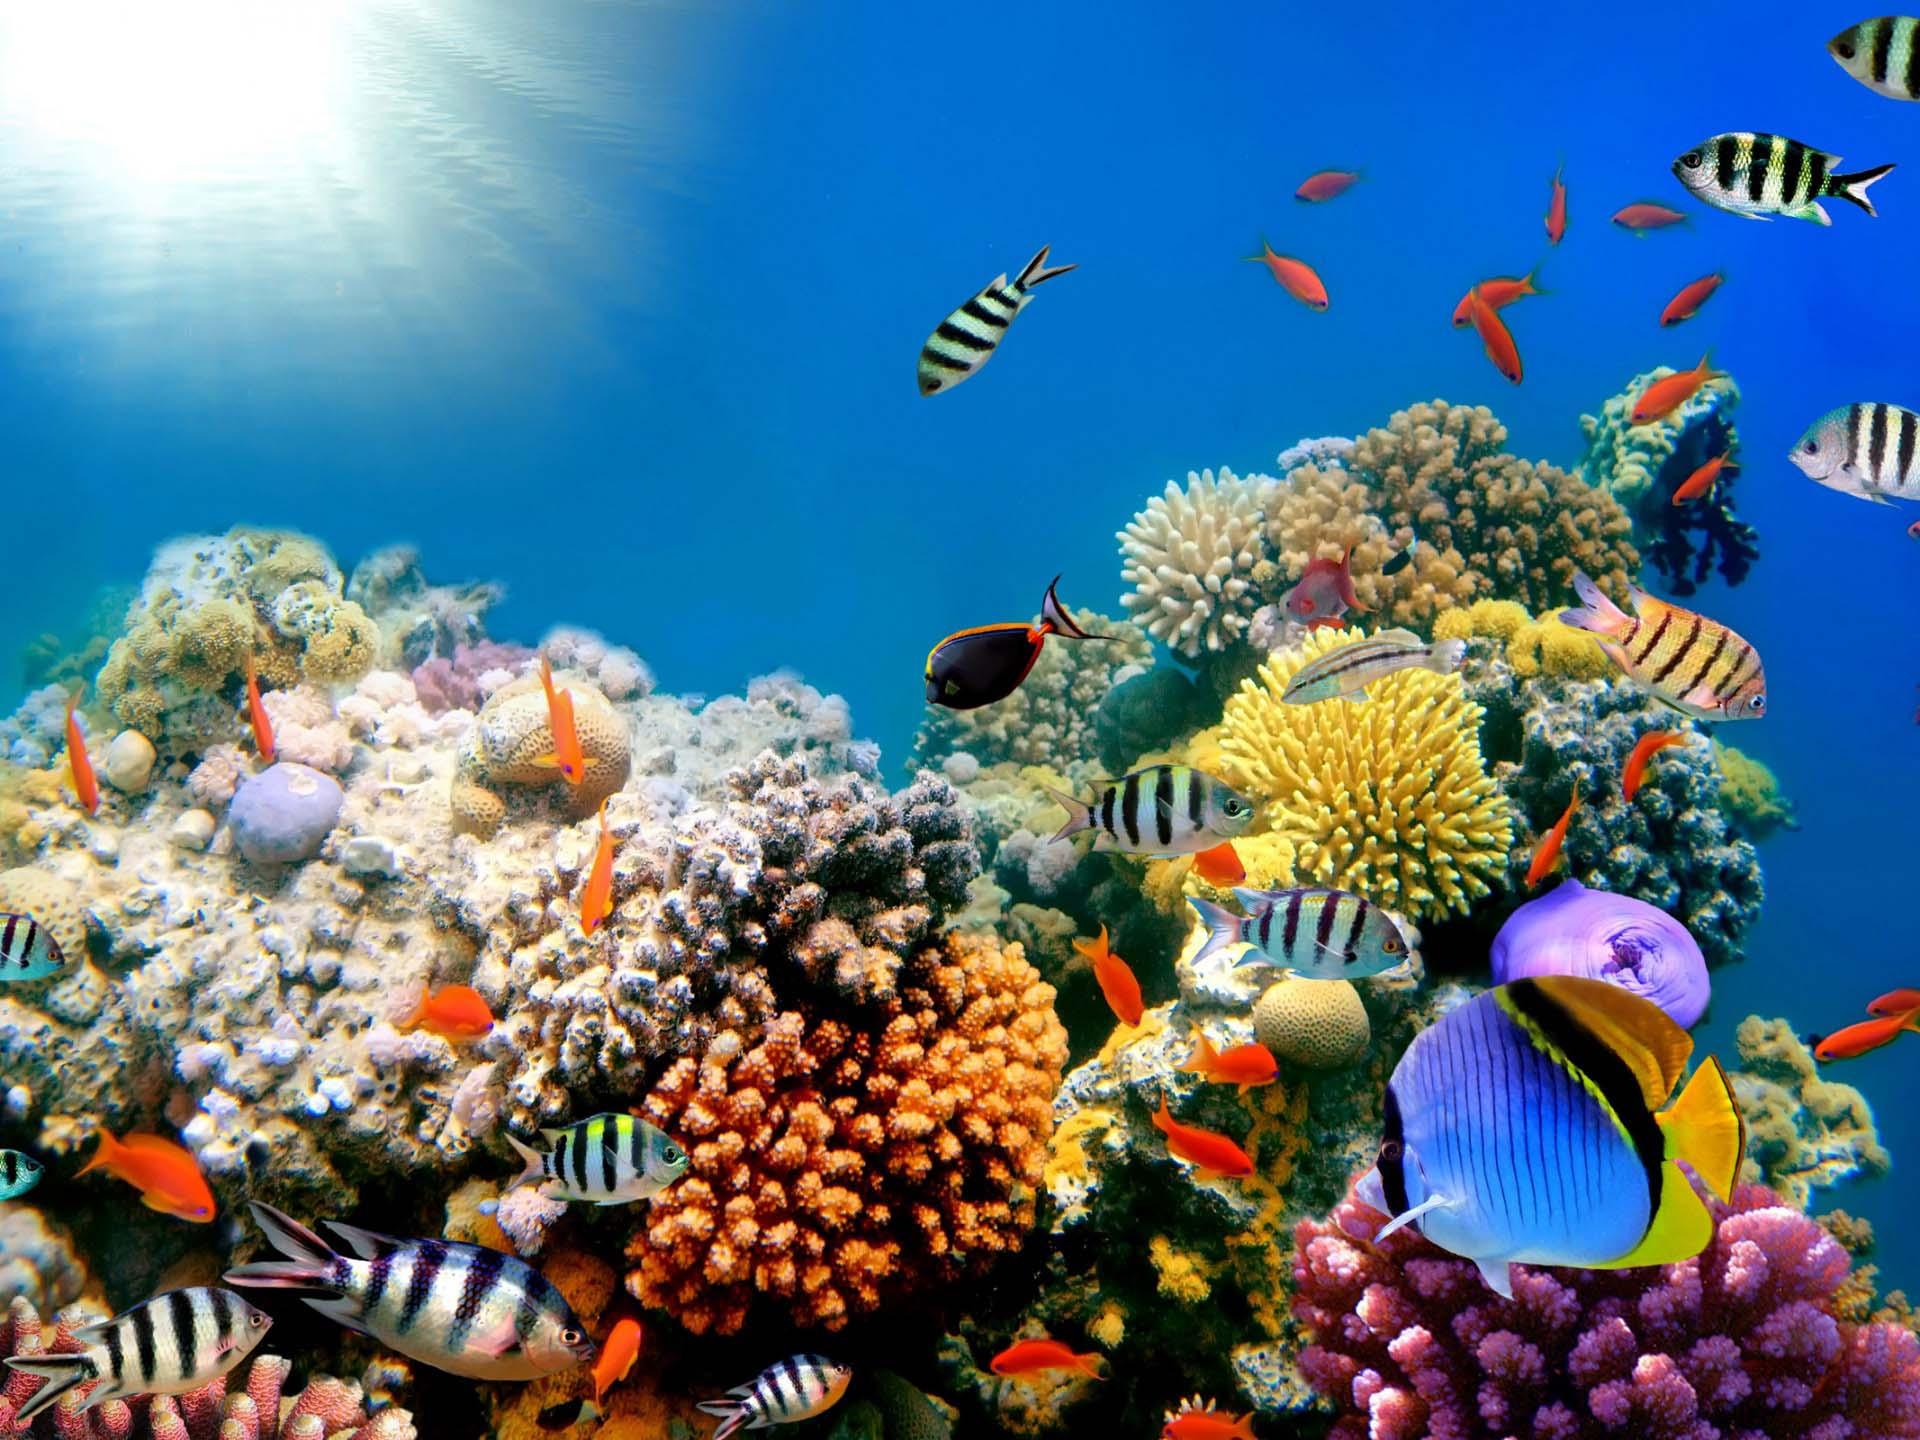 Saltwater Fish Desktop Wallpaper - WallpaperSafari